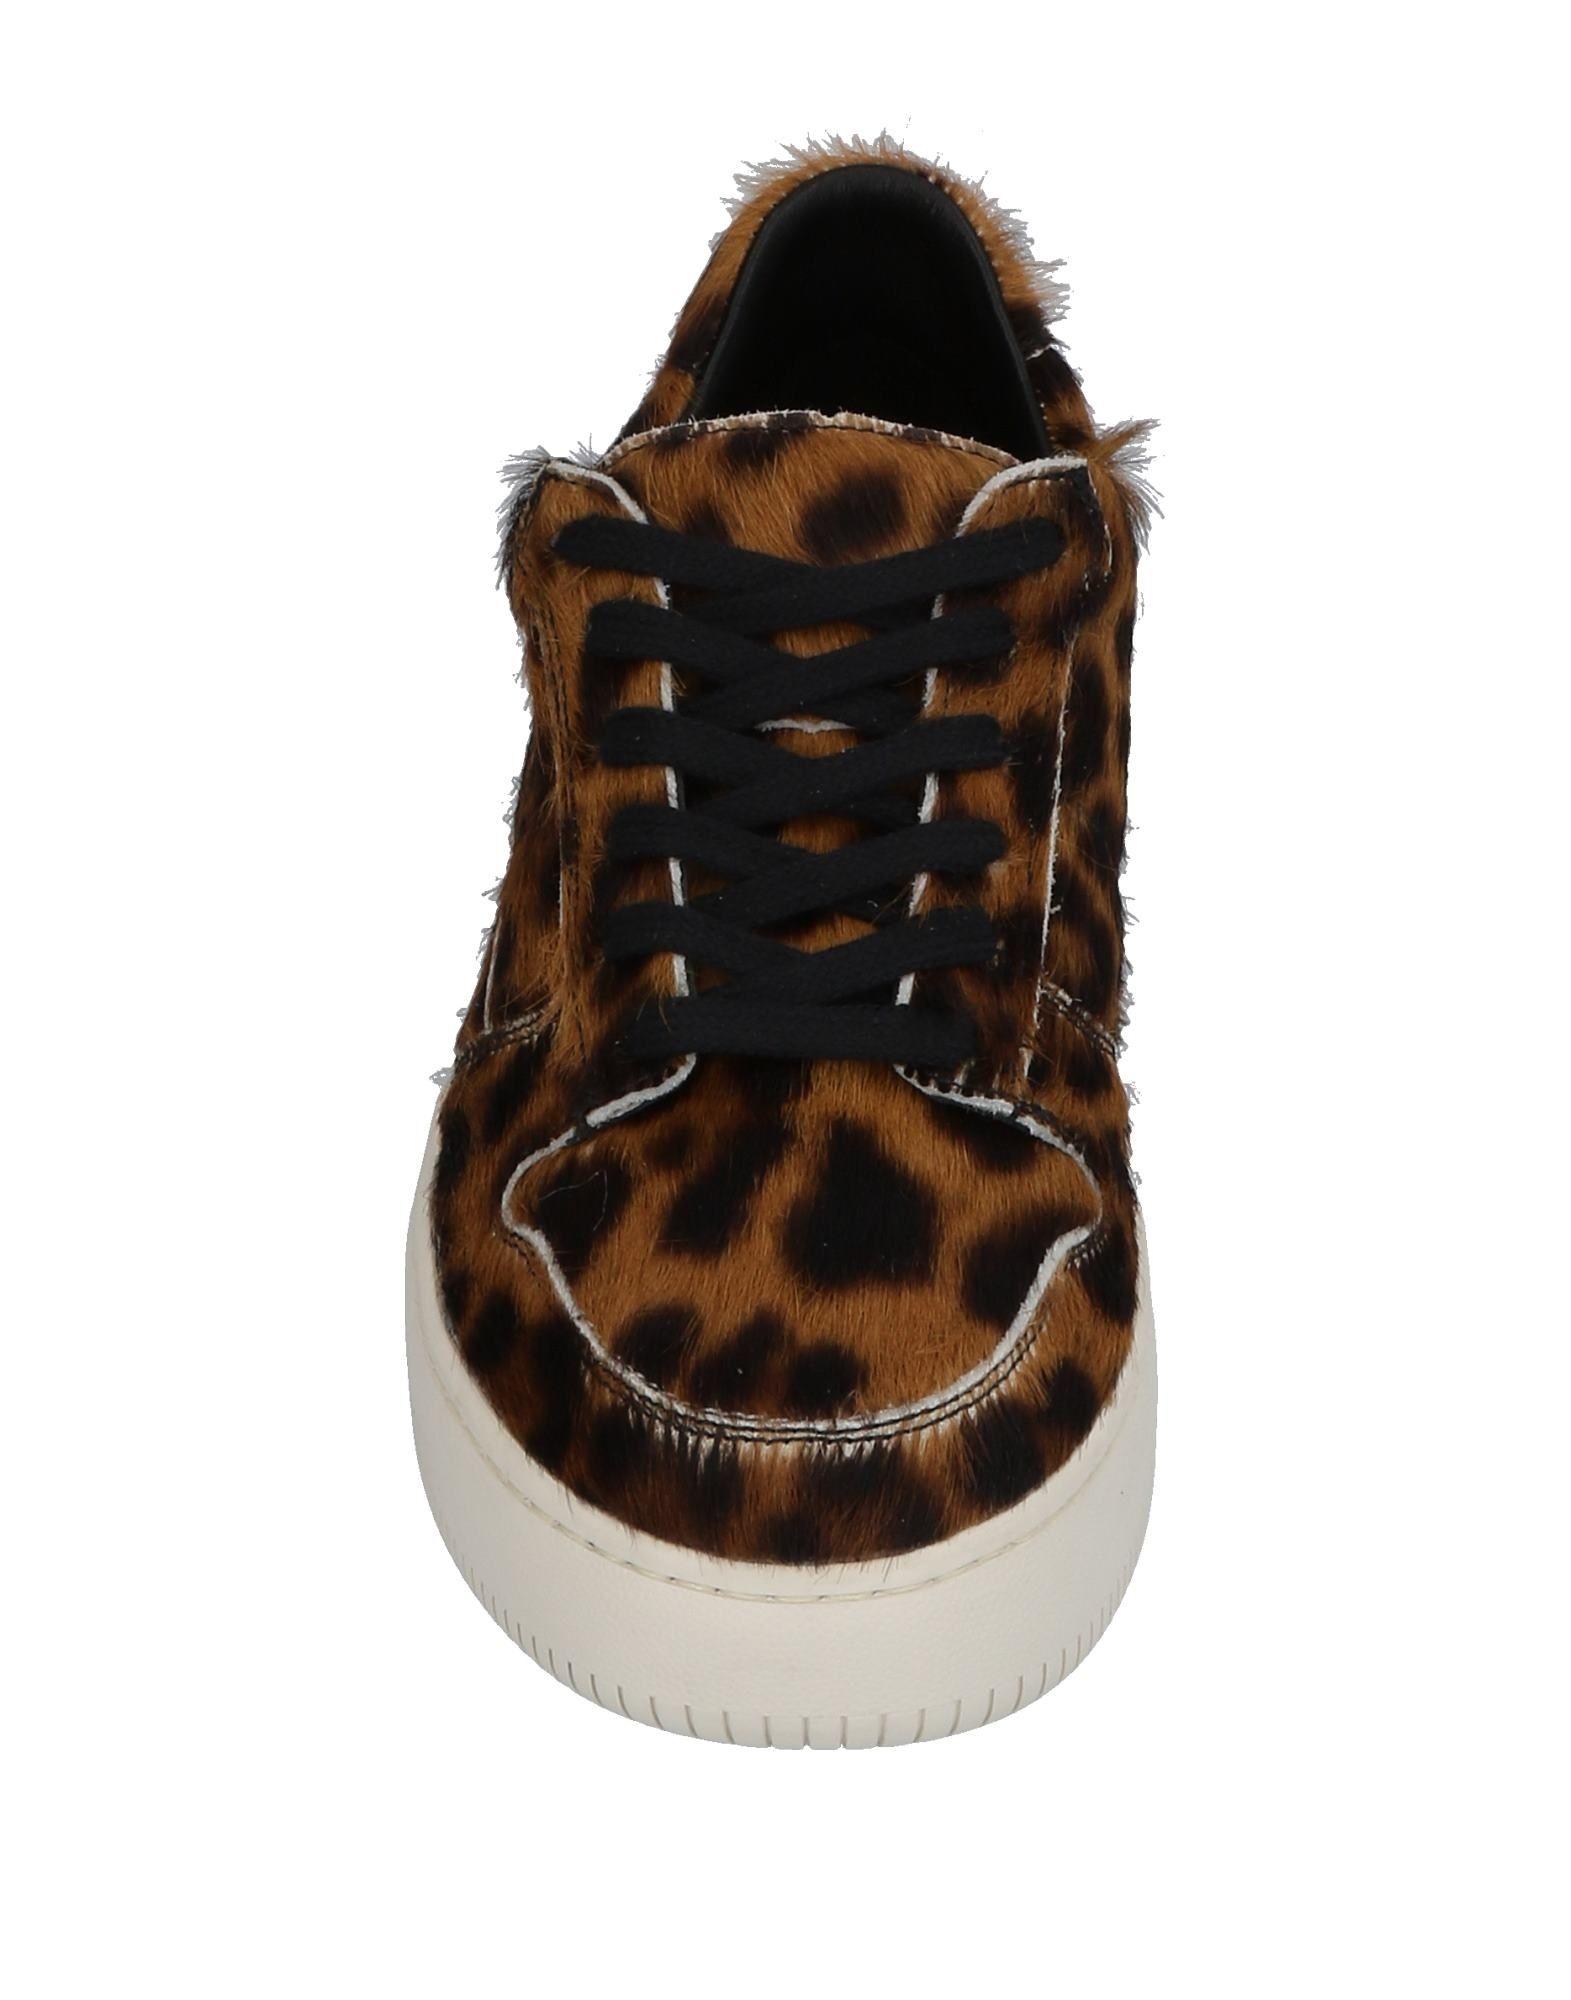 Stilvolle billige Sneakers Schuhe Diemme Sneakers billige Damen  11419237OV 01d496